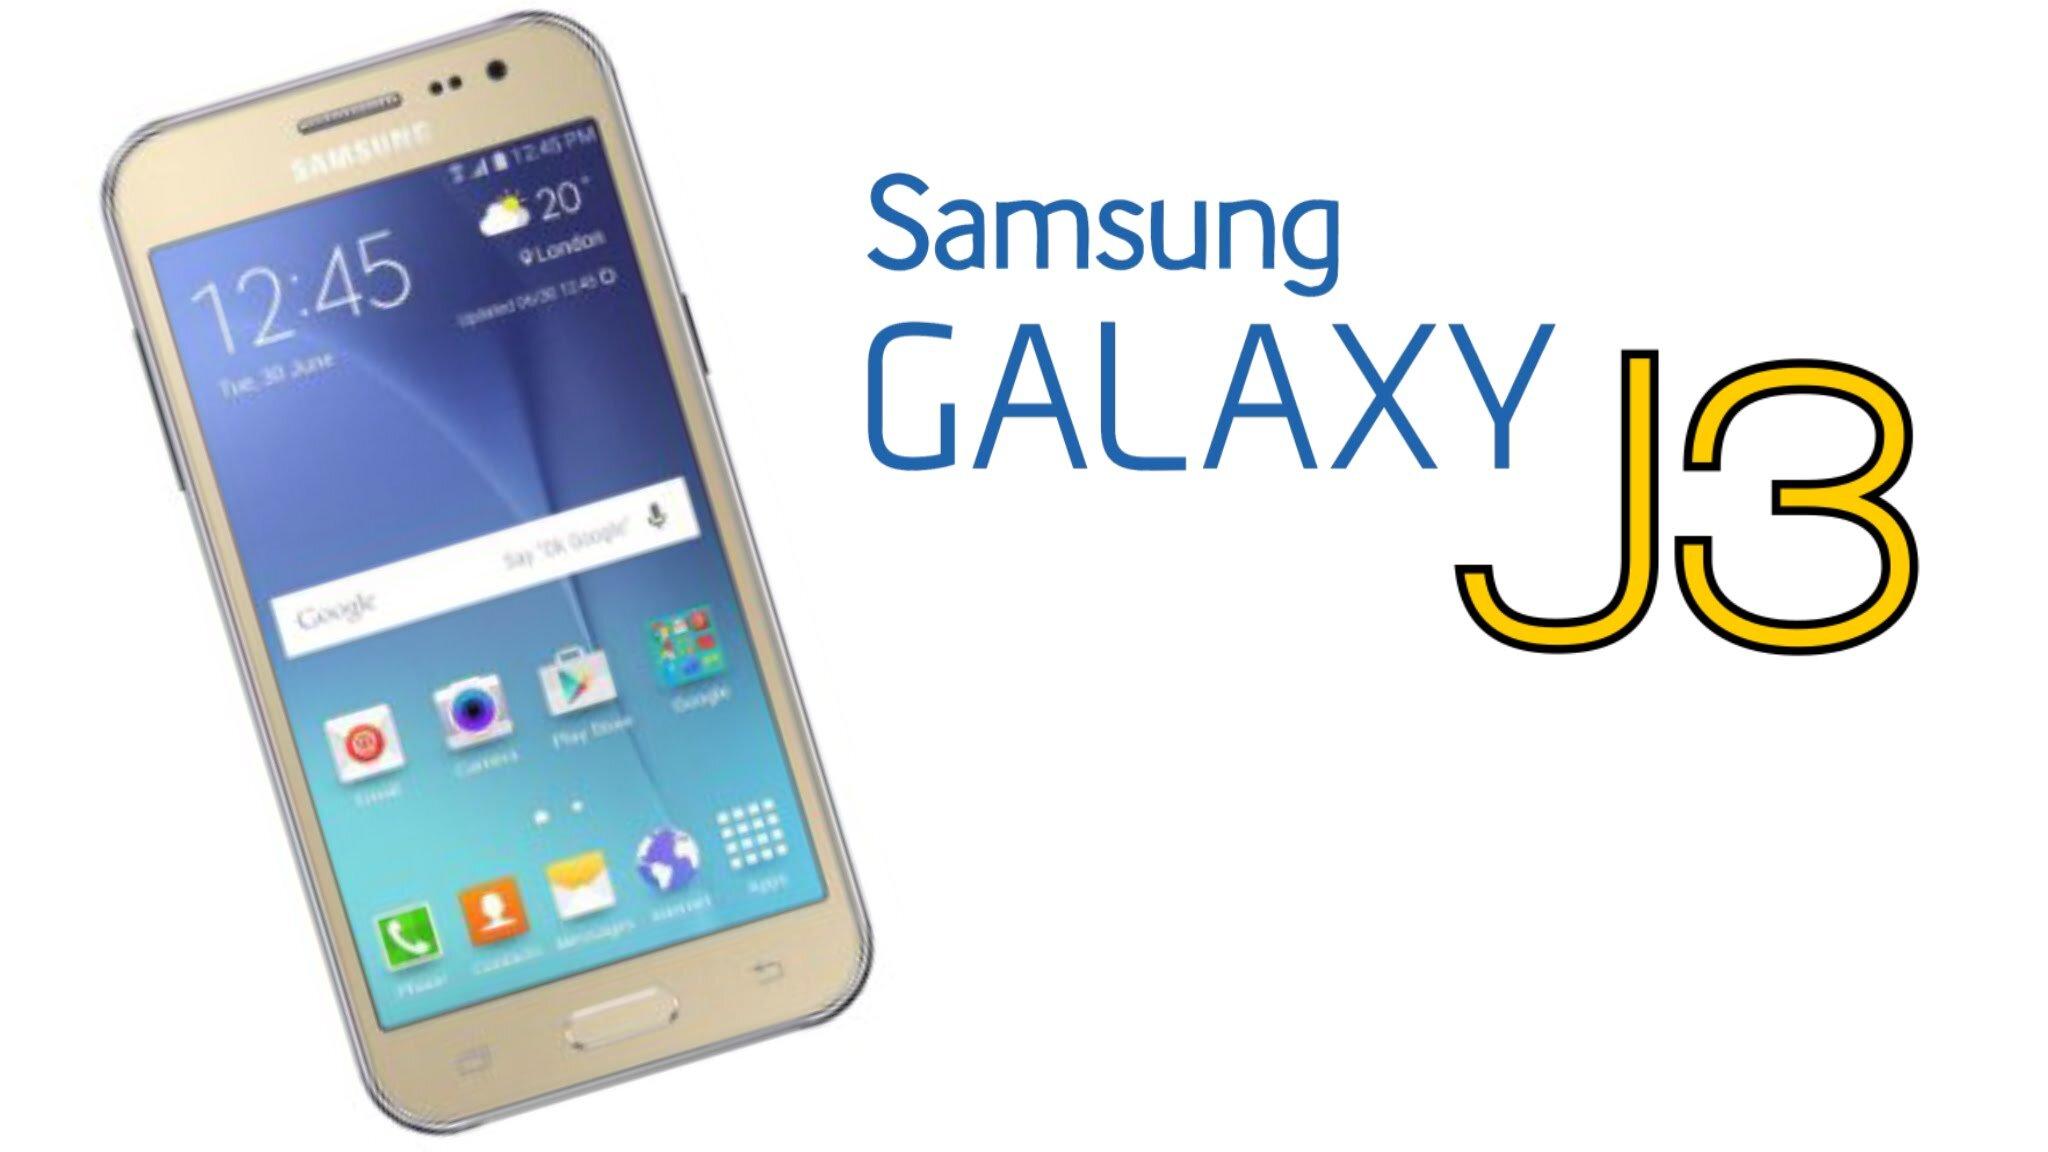 Đánh giá smartphone tầm trung Samsung Galaxy J3